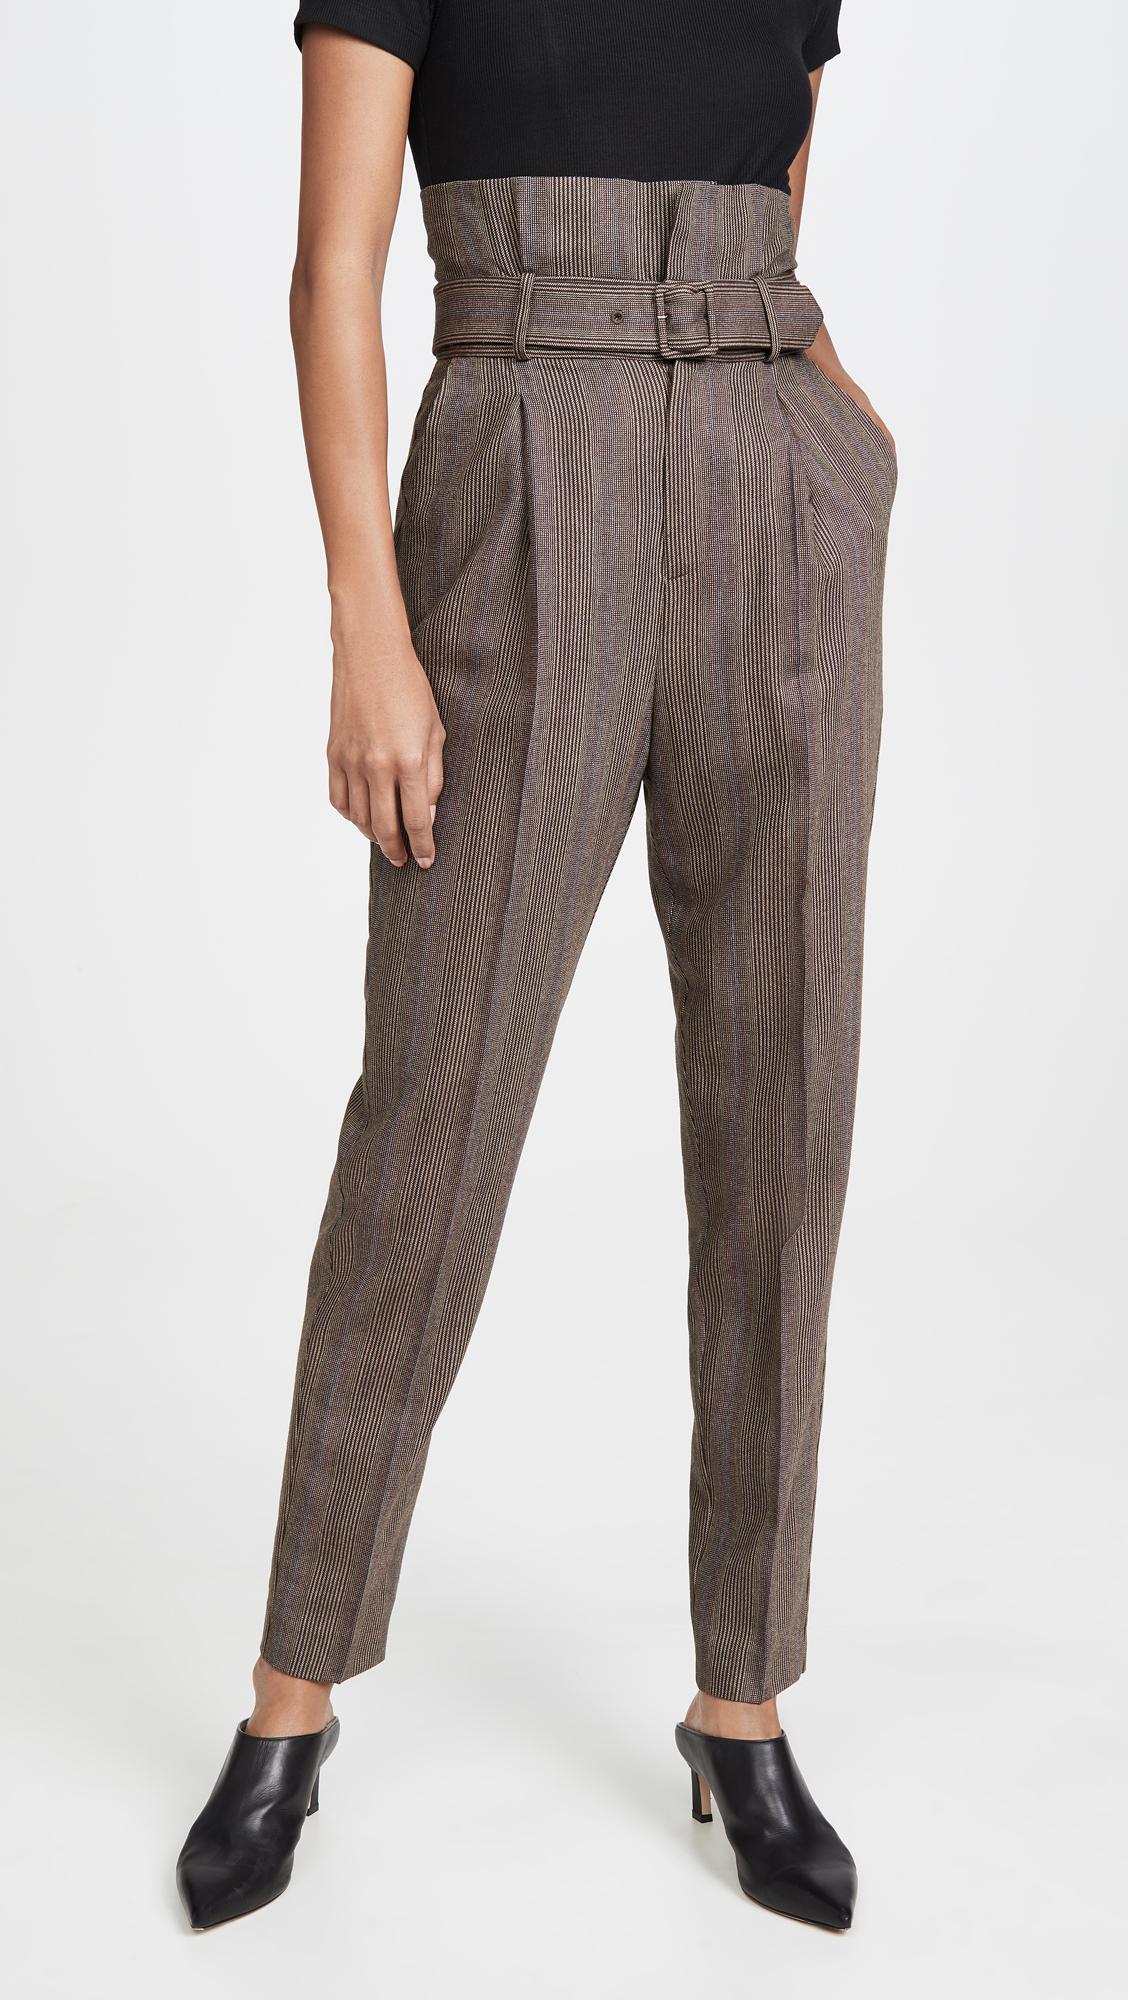 Equipment Alloisa Pants, $395, Shopbop